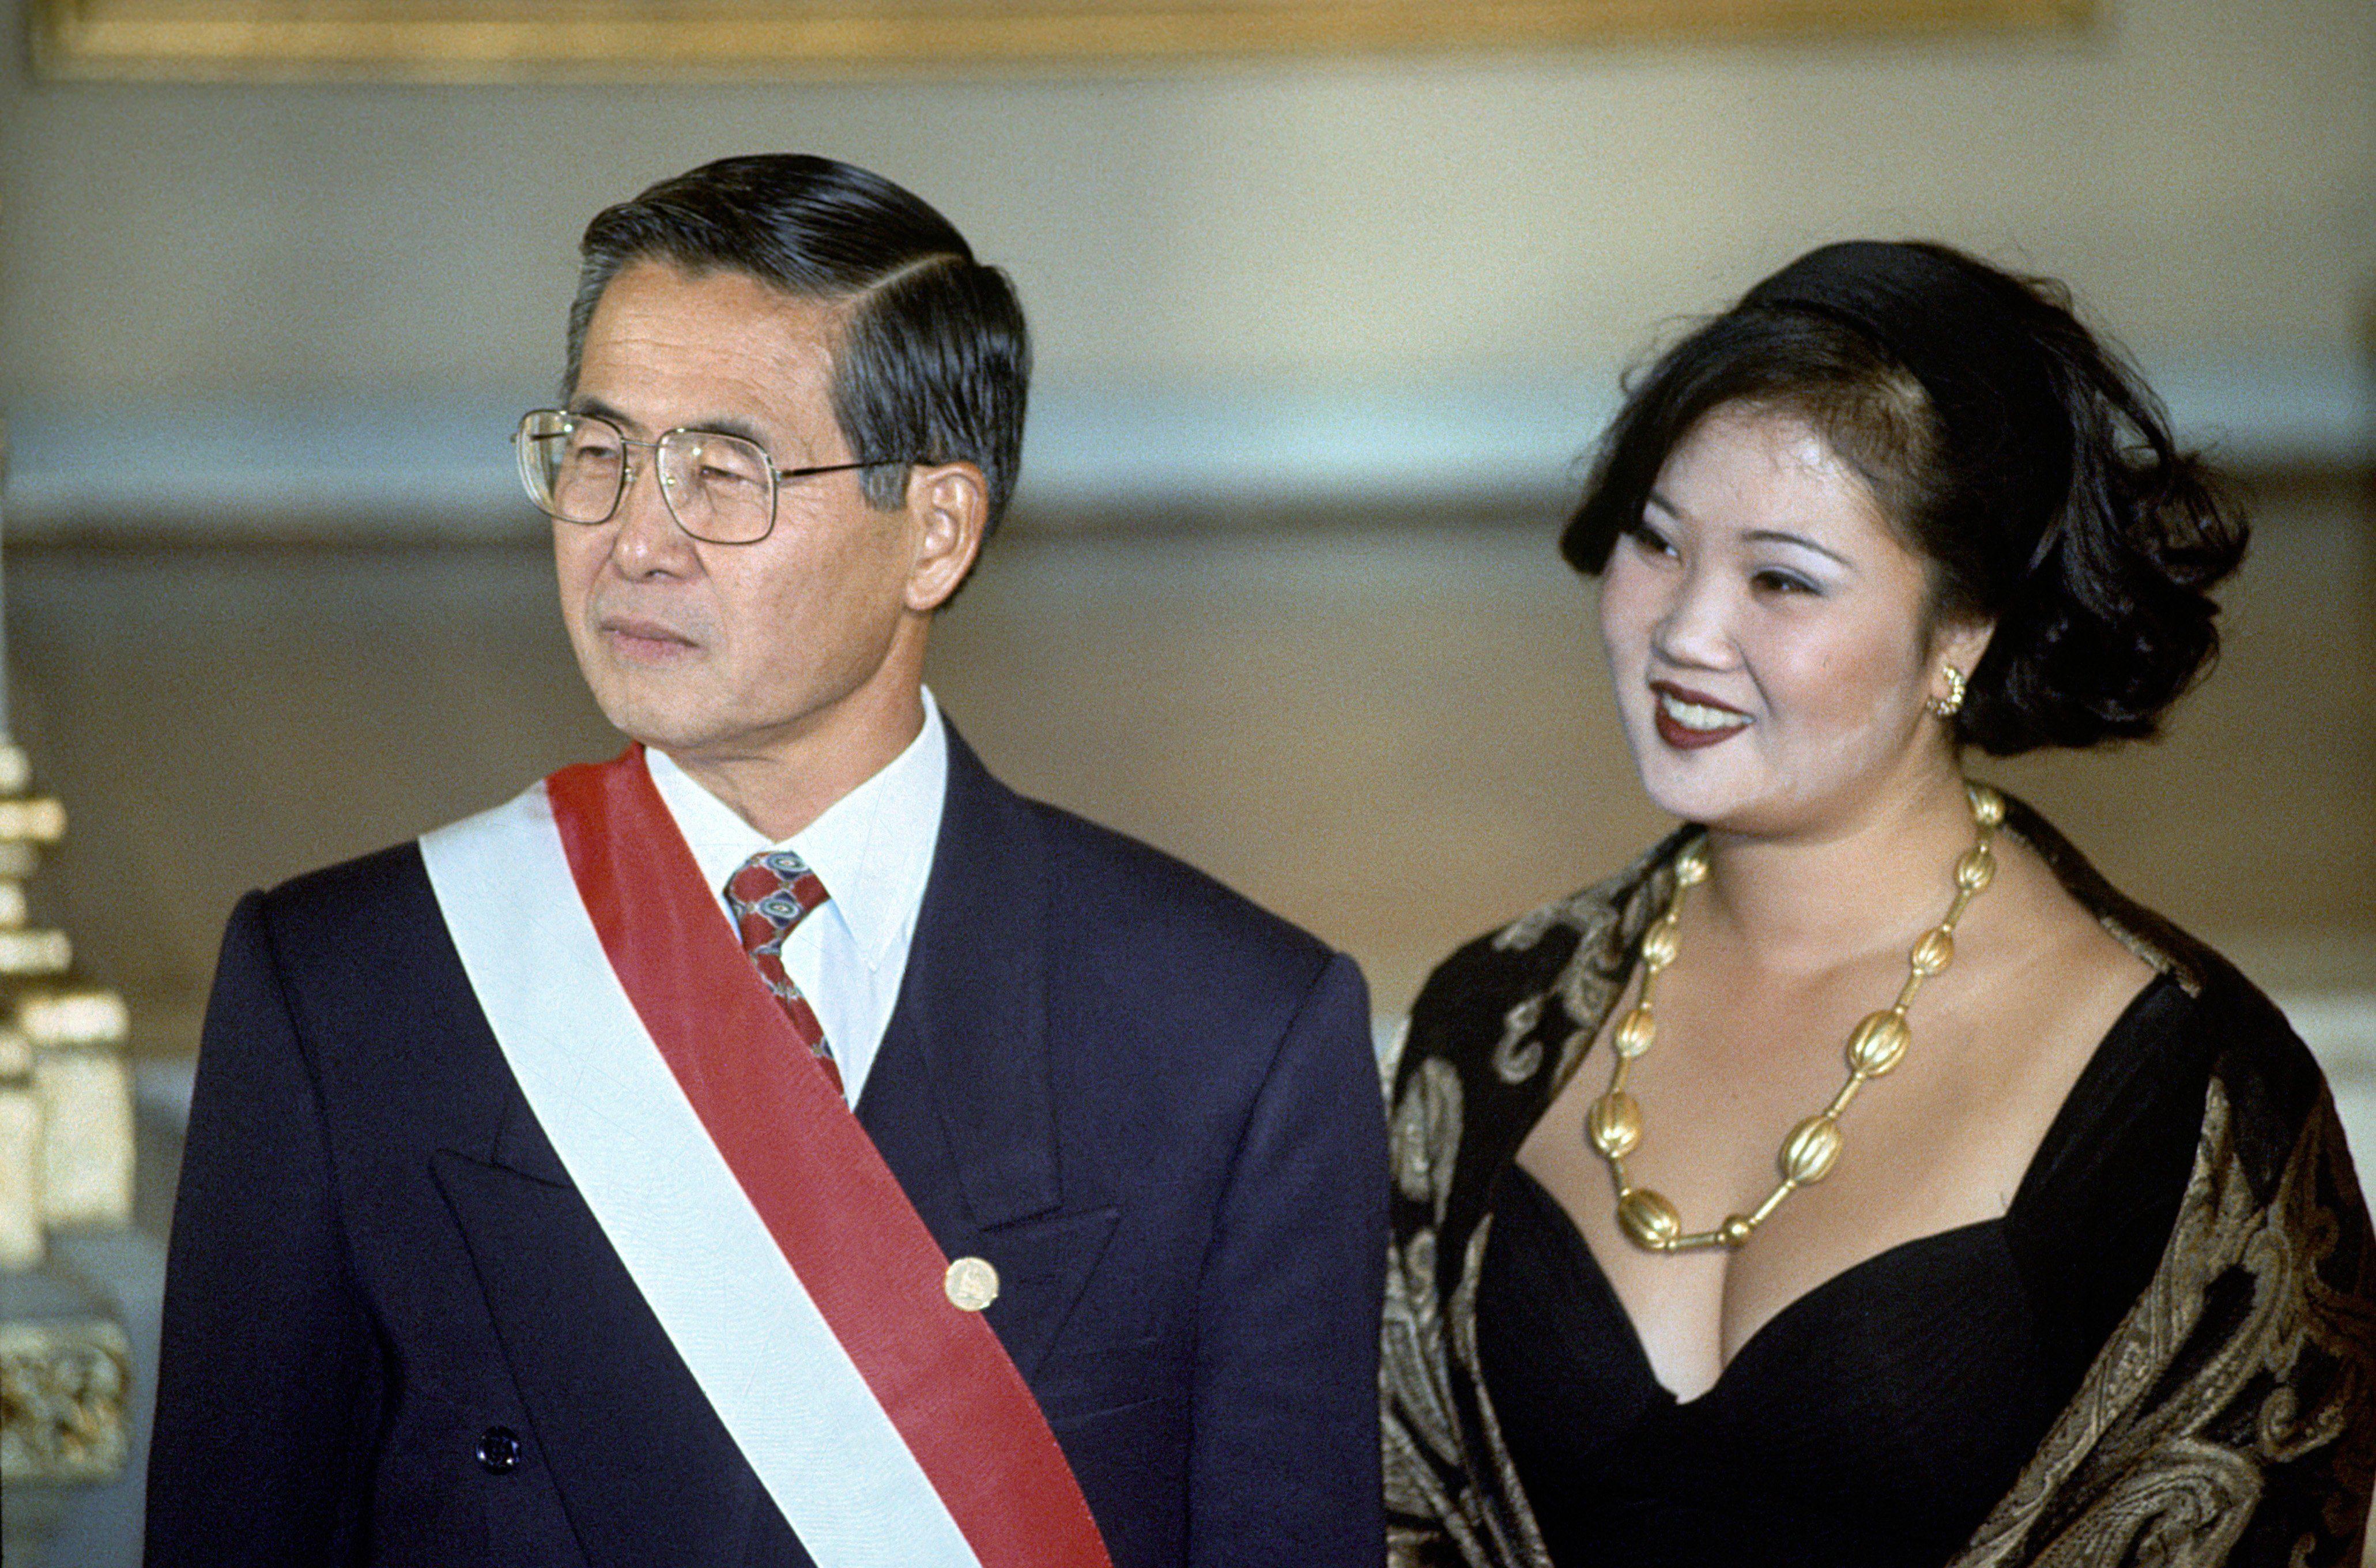 Rechazan en Perú un hábeas corpus presentado por Keiko para liberar a su padre Alberto Fujimori